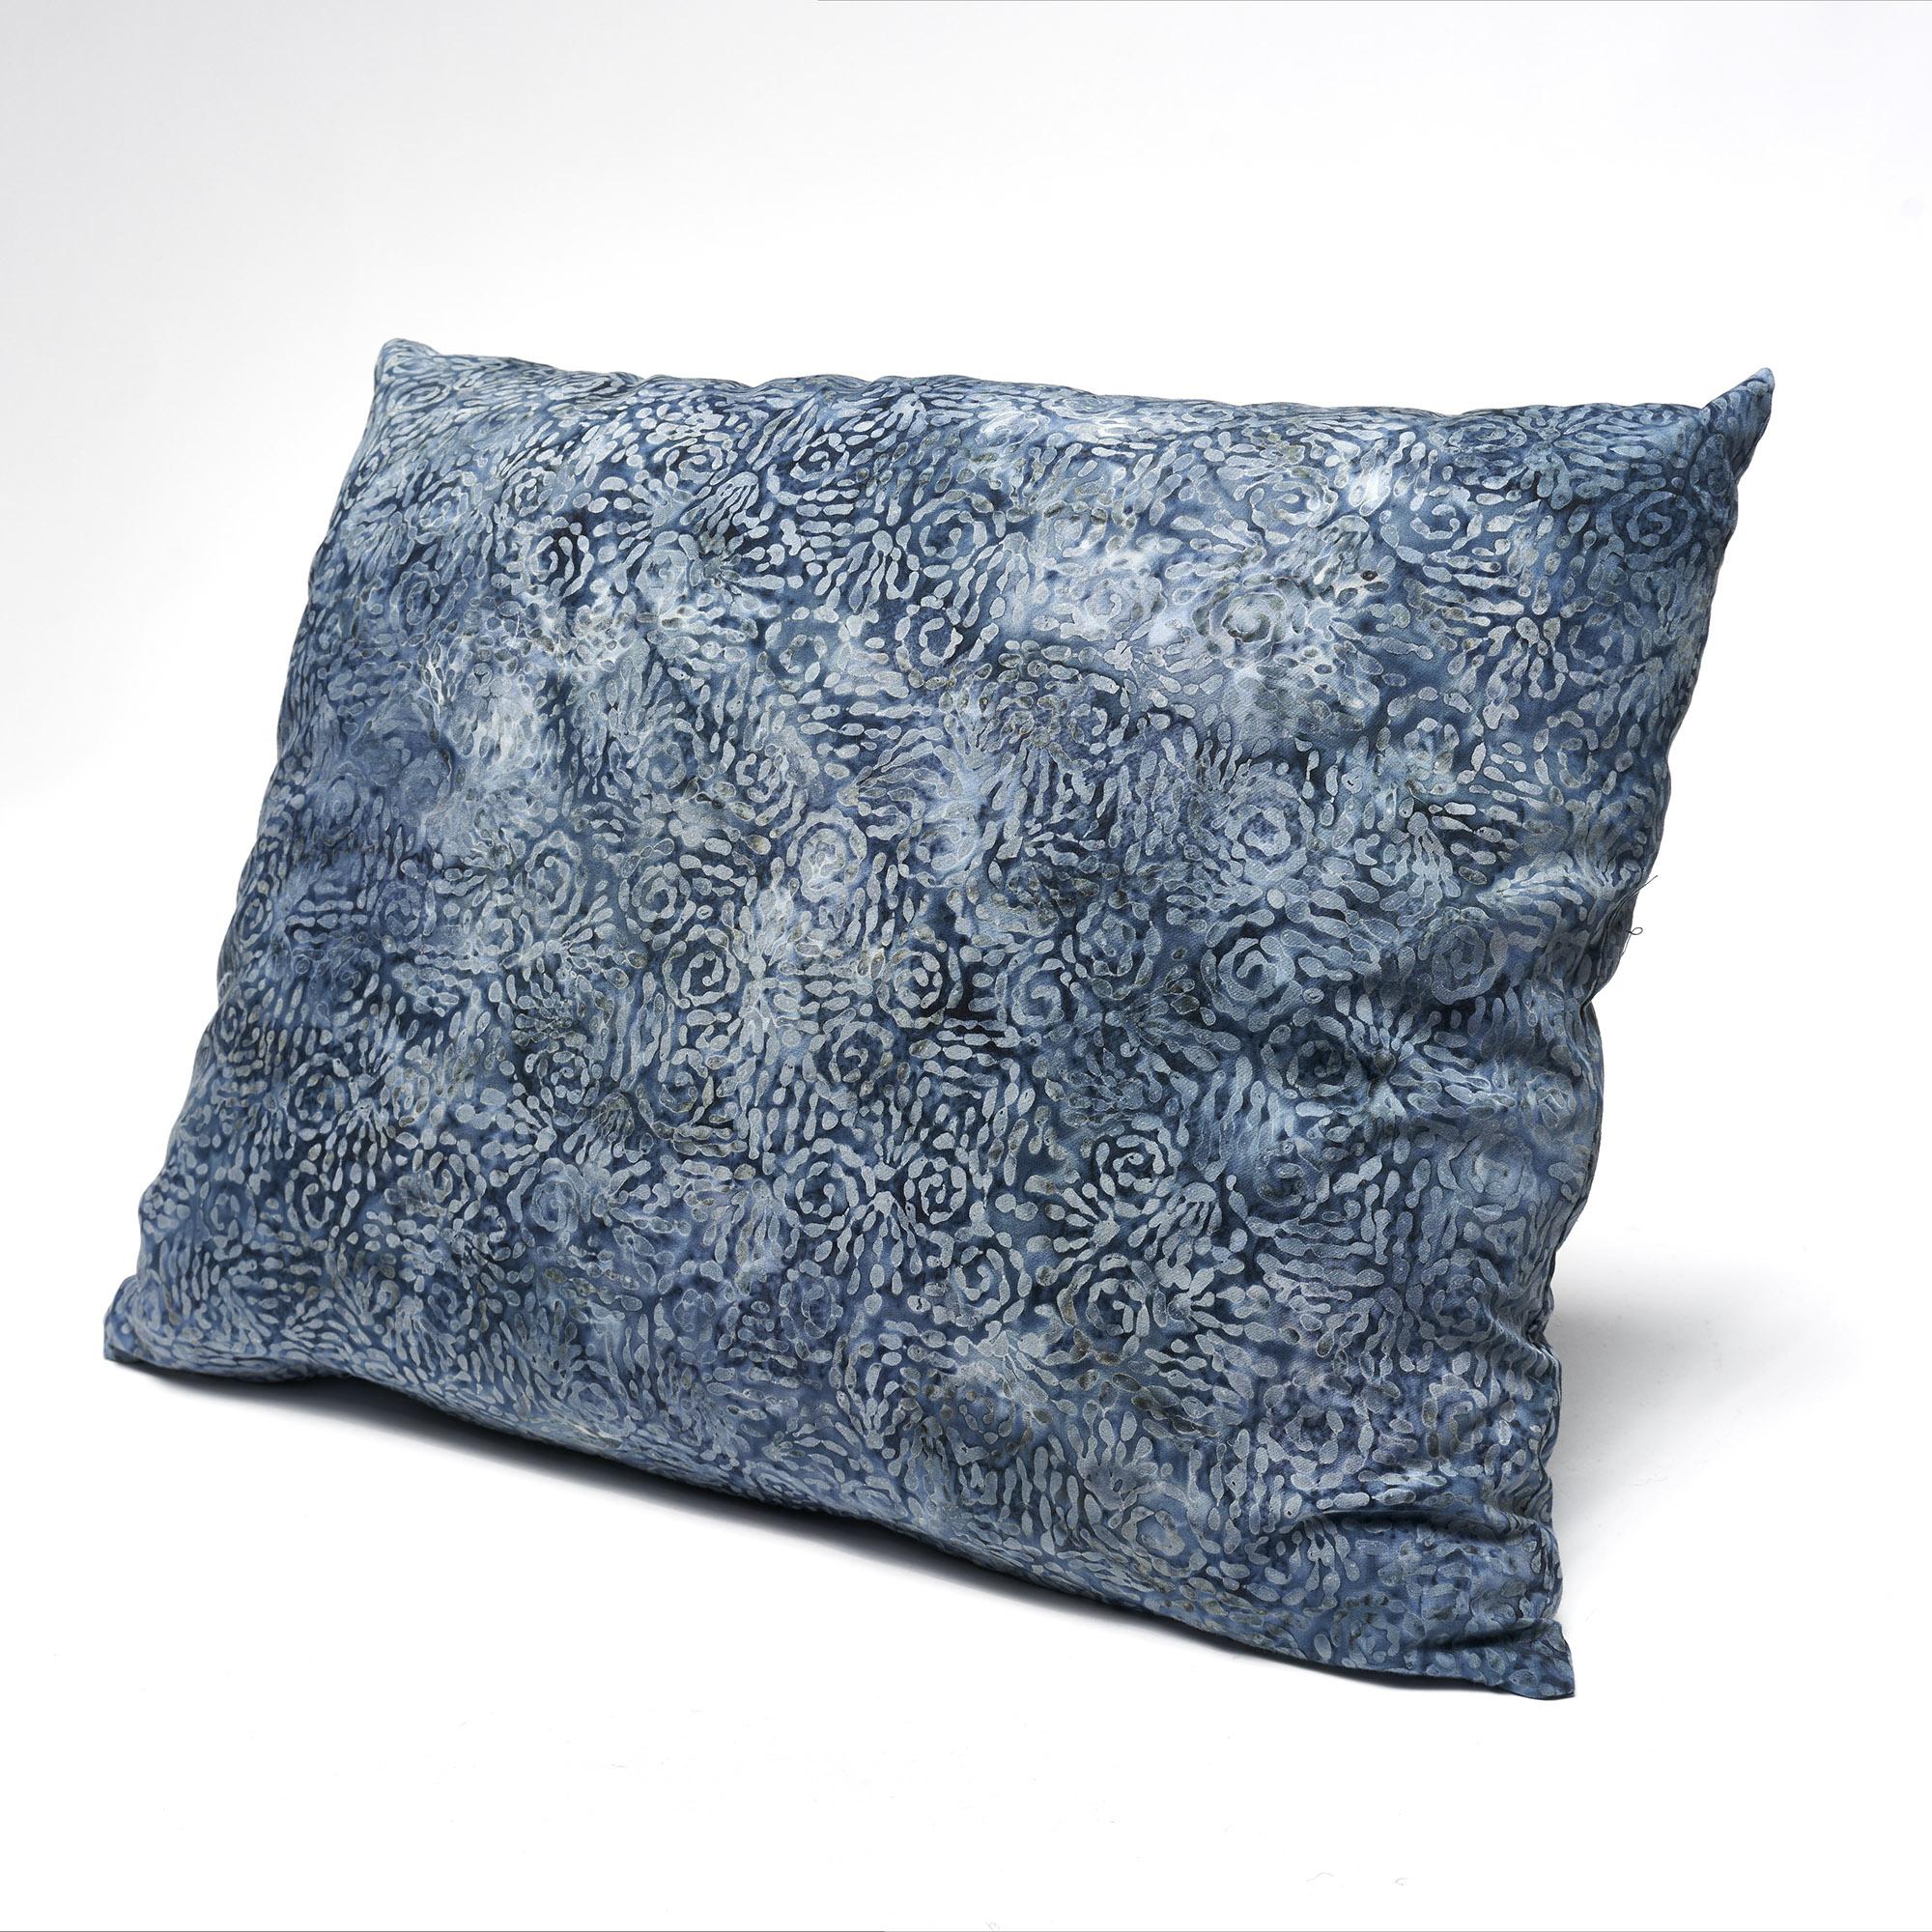 Almohadón de algodón cuadrado azul estampado tipo batik